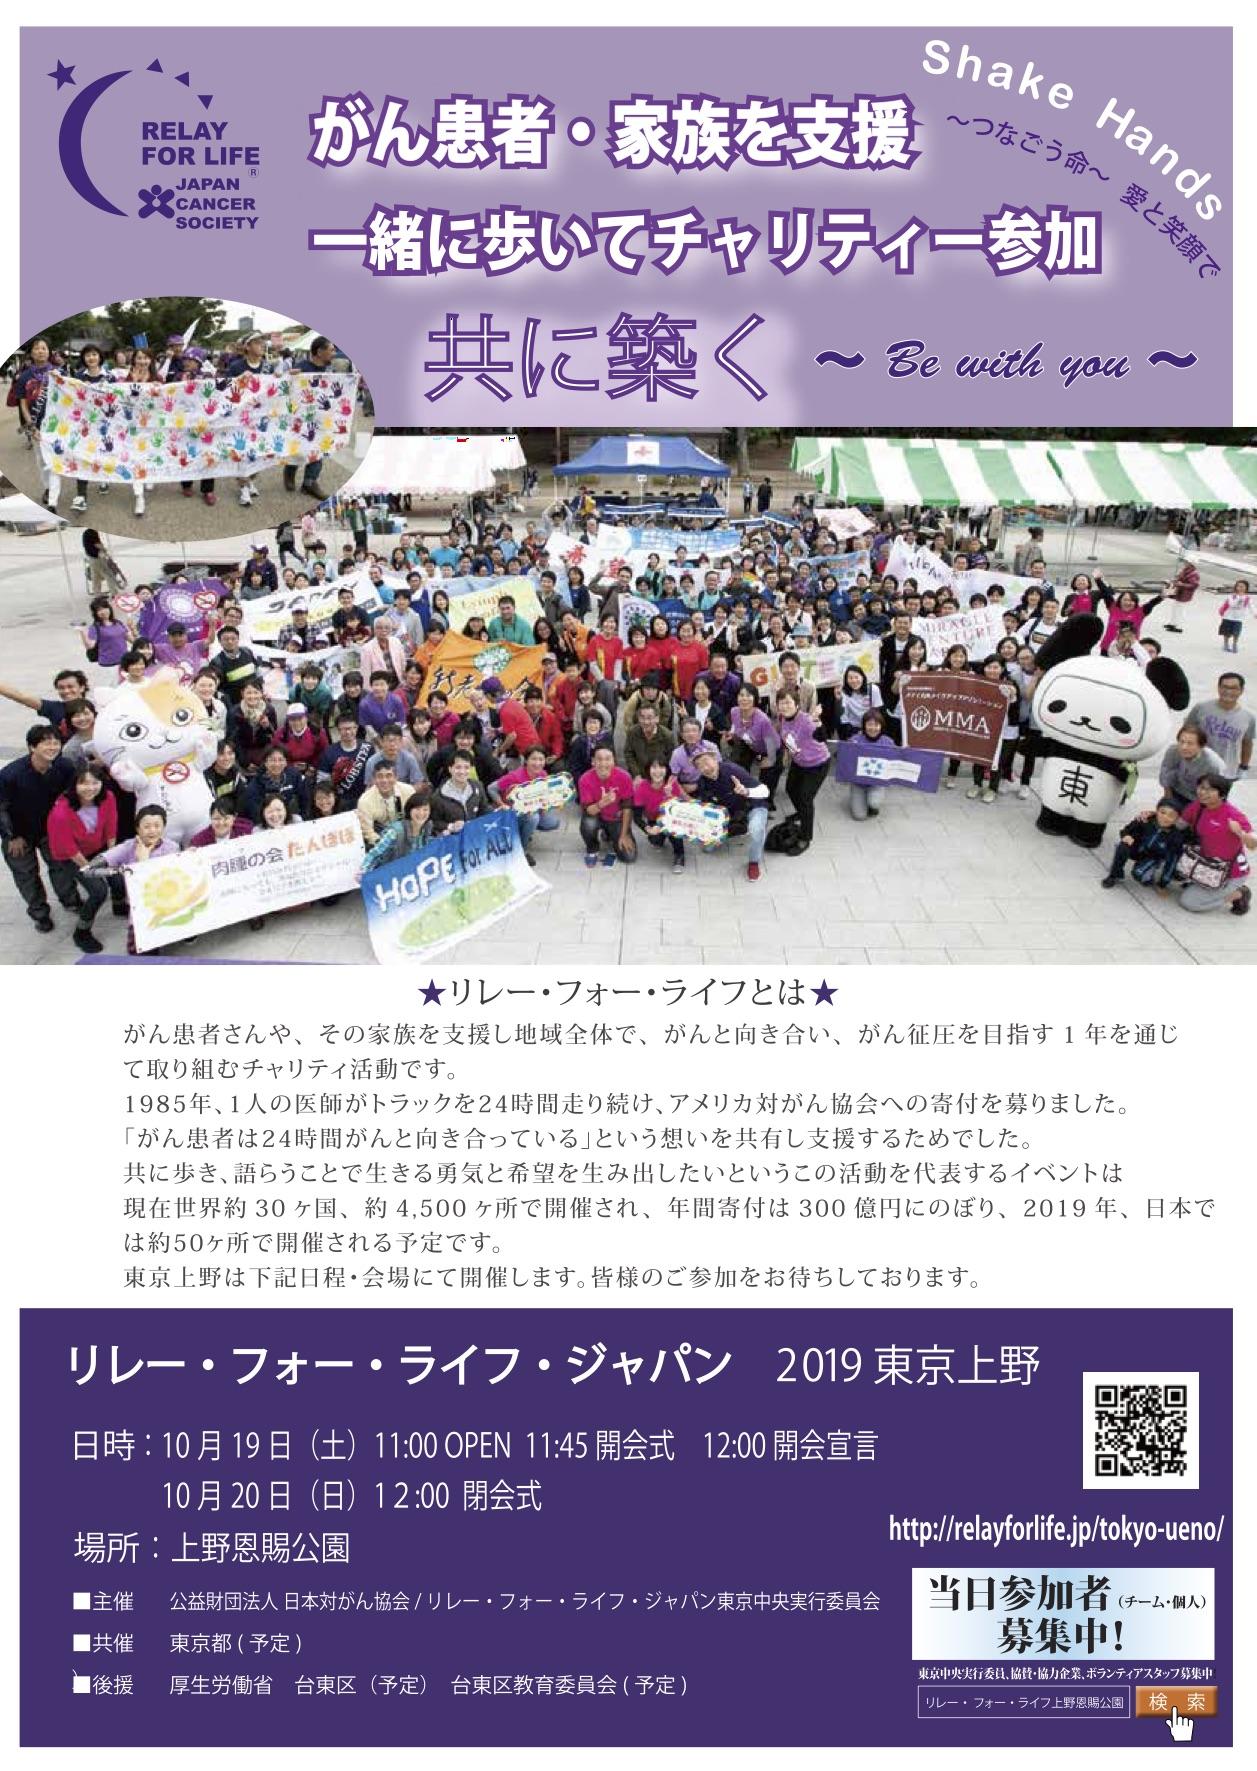 10/19・20 リレー・フォー・ライフ・ジャパン東京上野に参加します!